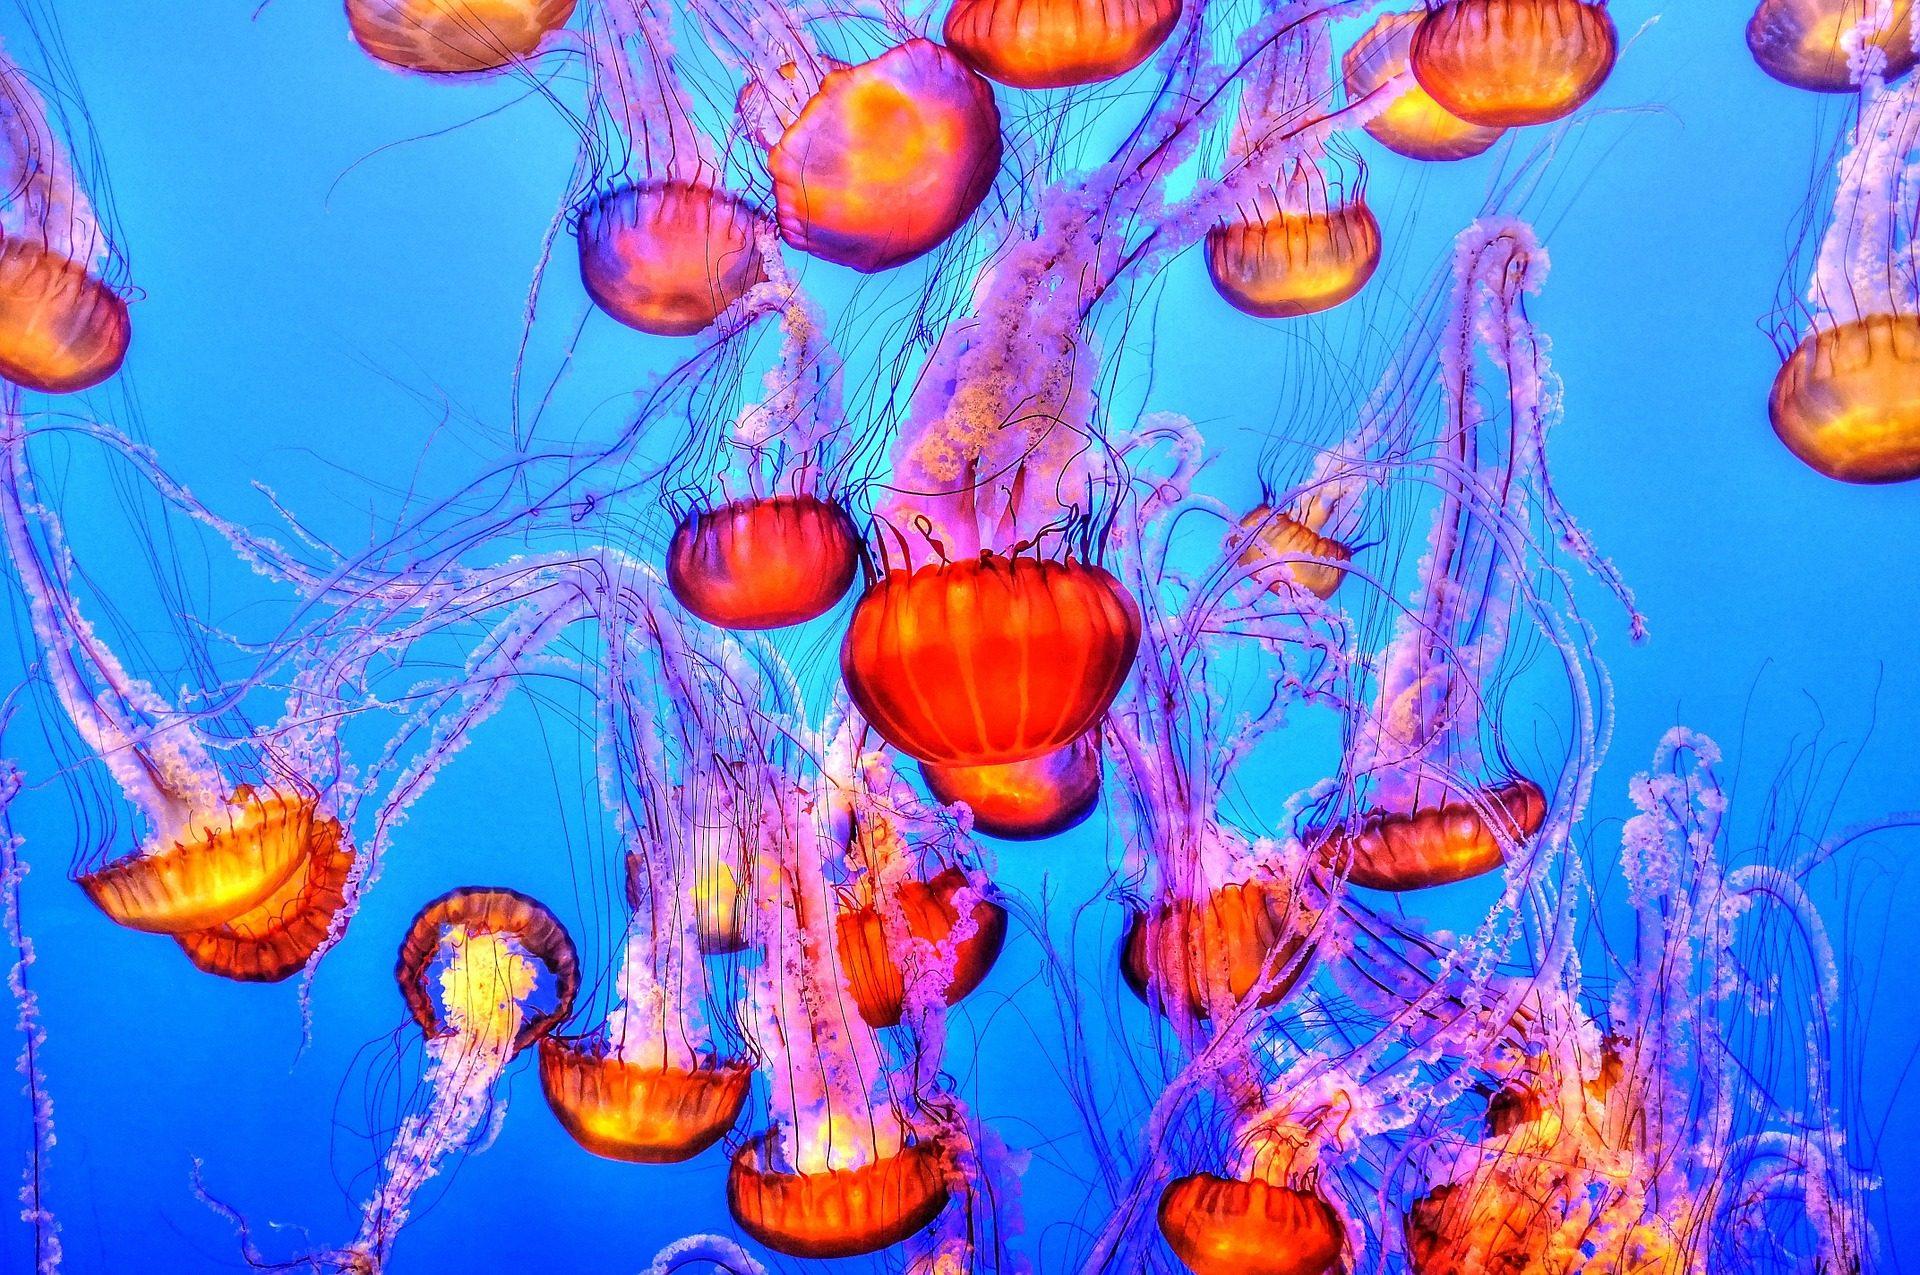 meduse, tentaculos, colorato, pericolo, Acquario - Sfondi HD - Professor-falken.com